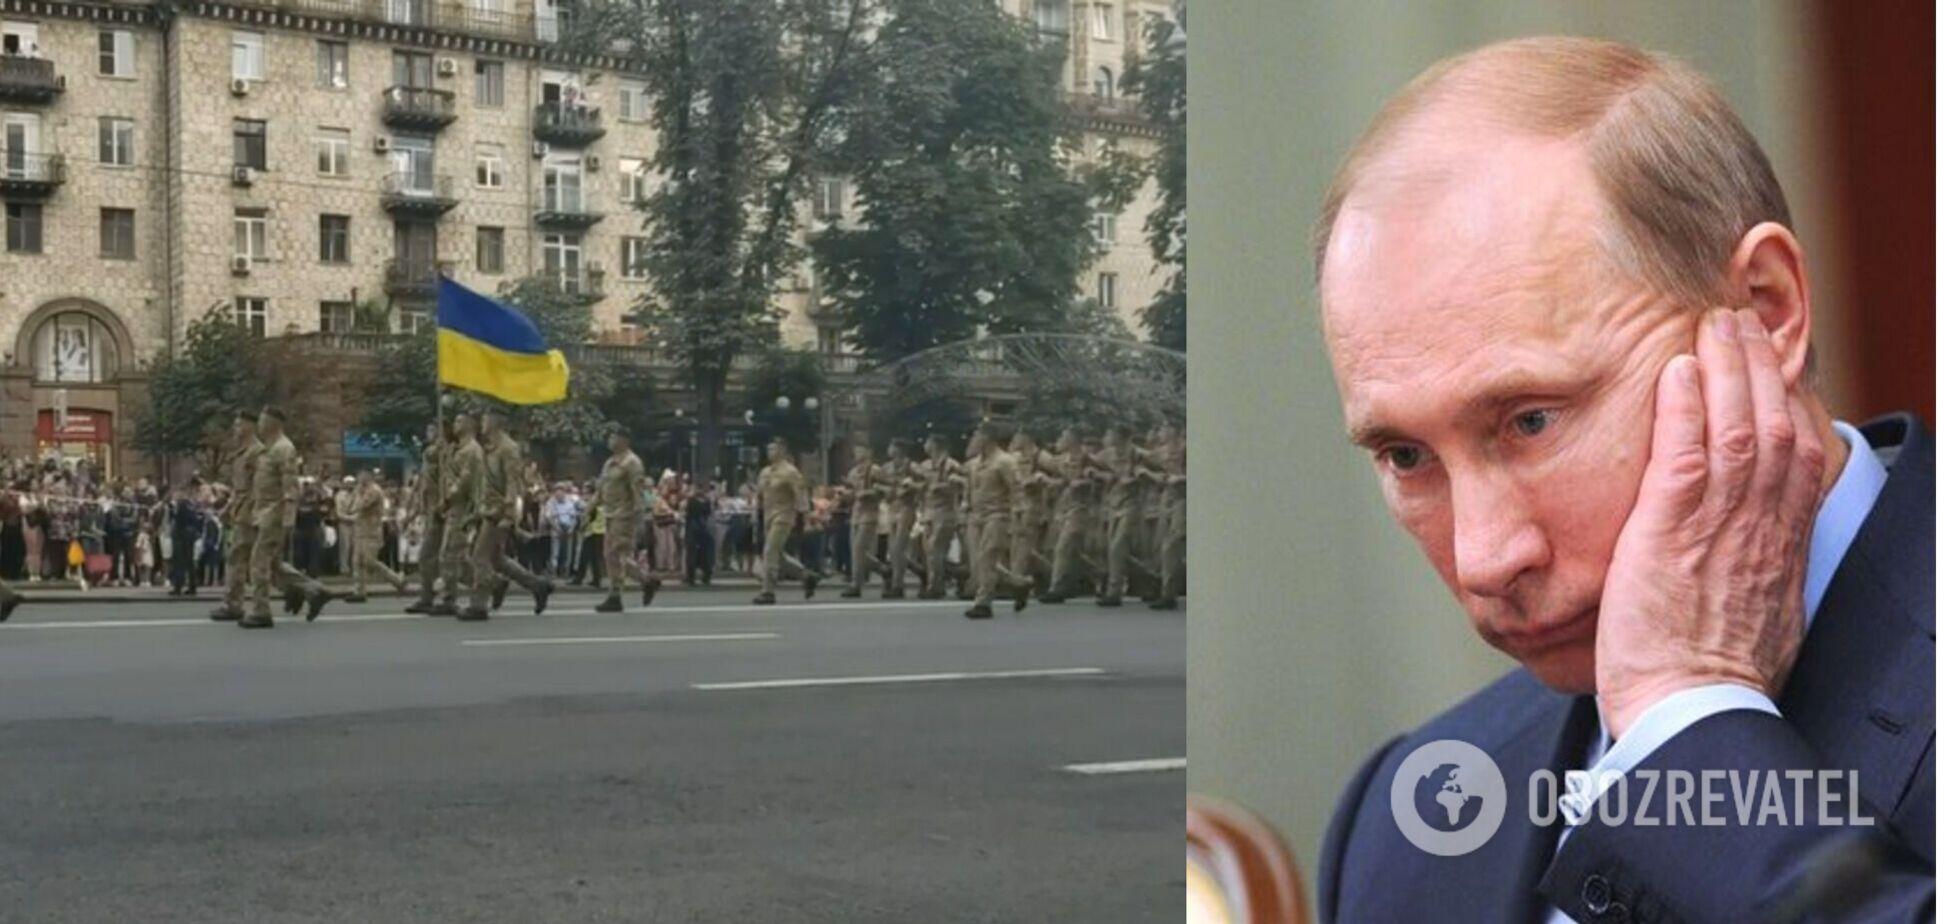 Справжні козаки: мережу захопило виконання військовими пісні про Путіна на репетиції параду в Києві